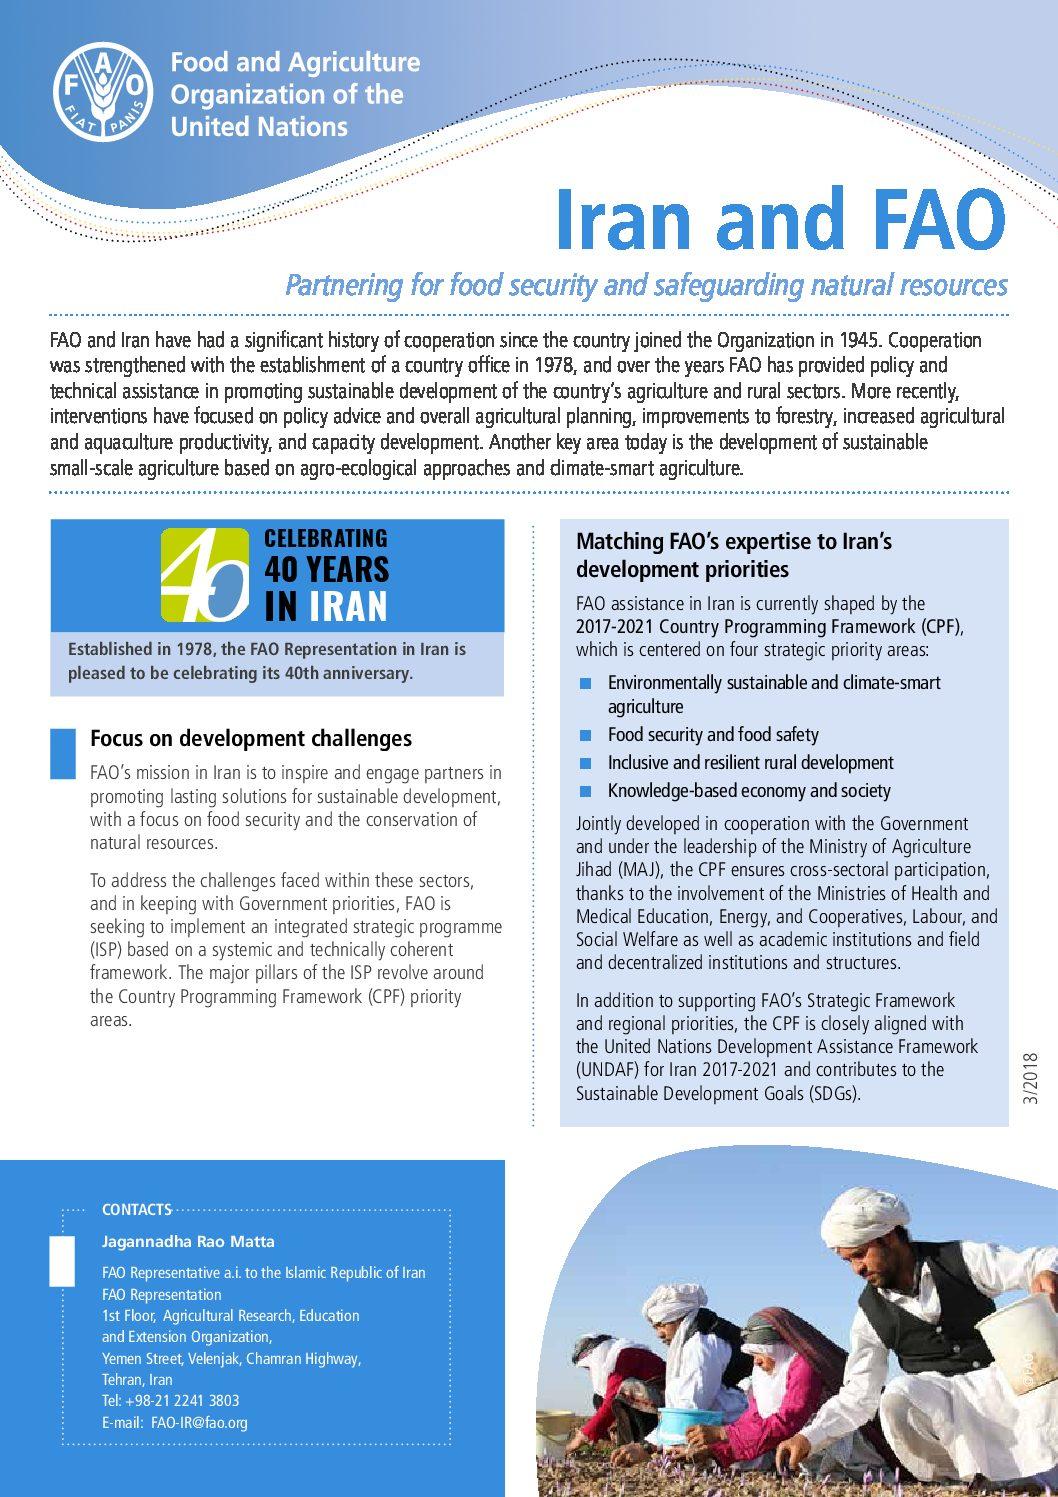 مشارکت فائو  و ایران در  امنیت غذایی و حفاظت از منابع طبیعی